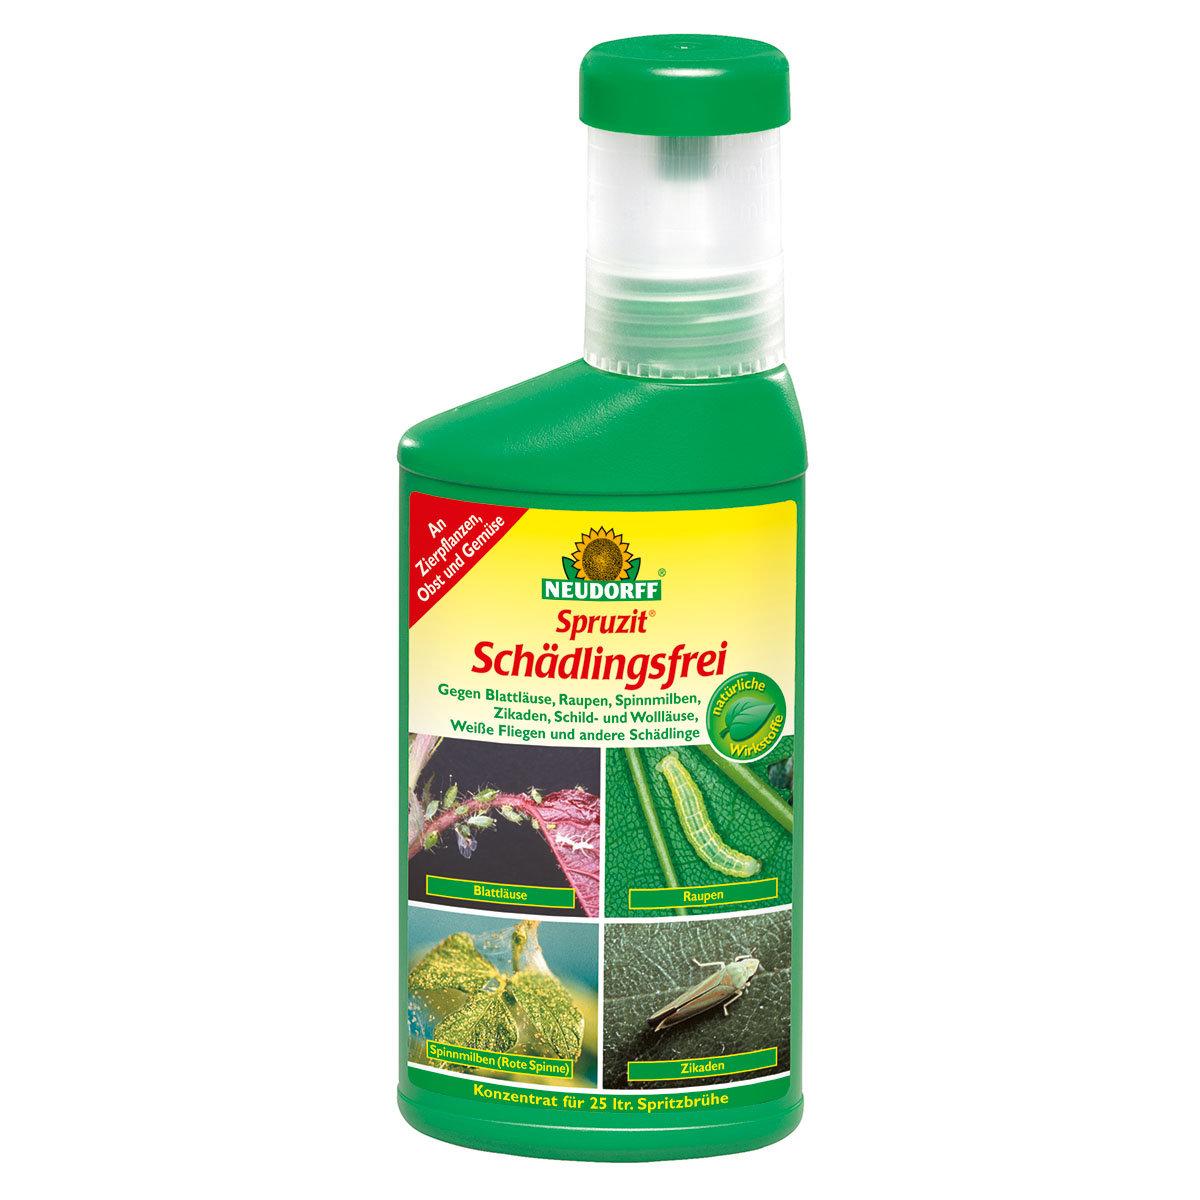 Neudorff Schädlingsfrei Spruzit, 250 ml